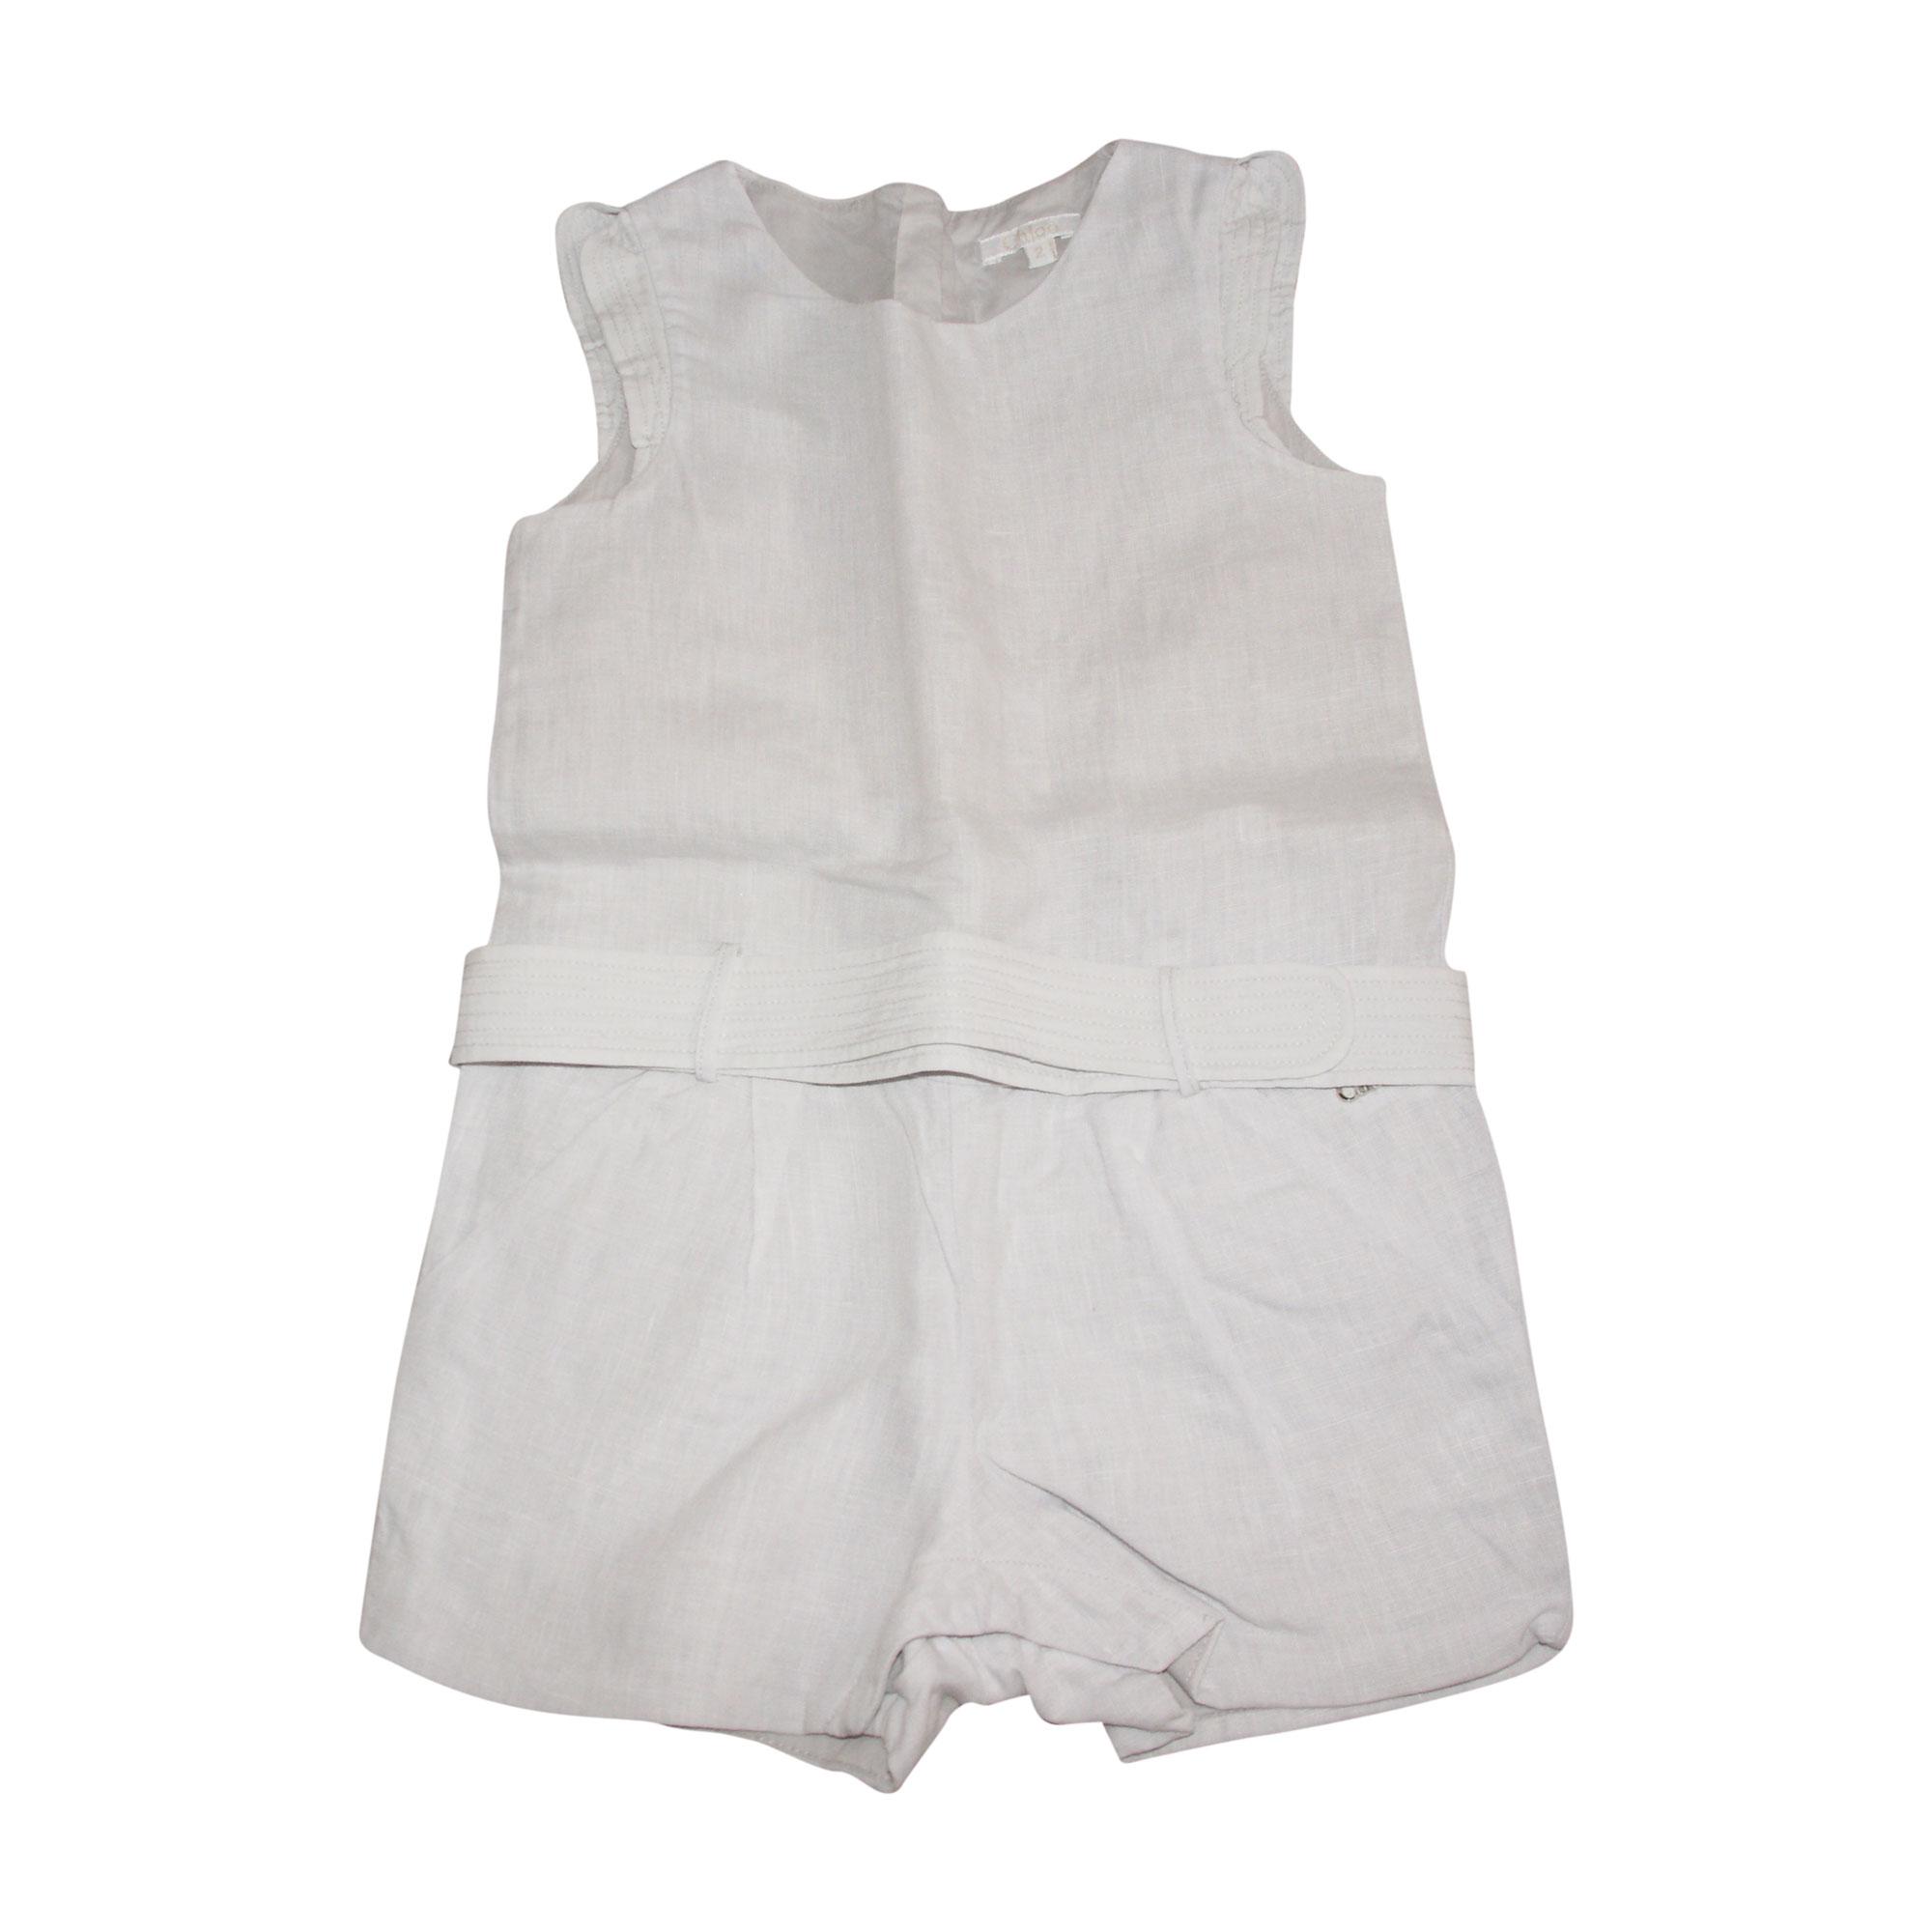 Anzug, Set für Kinder, kurz CHLOÉ Grau, anthrazit